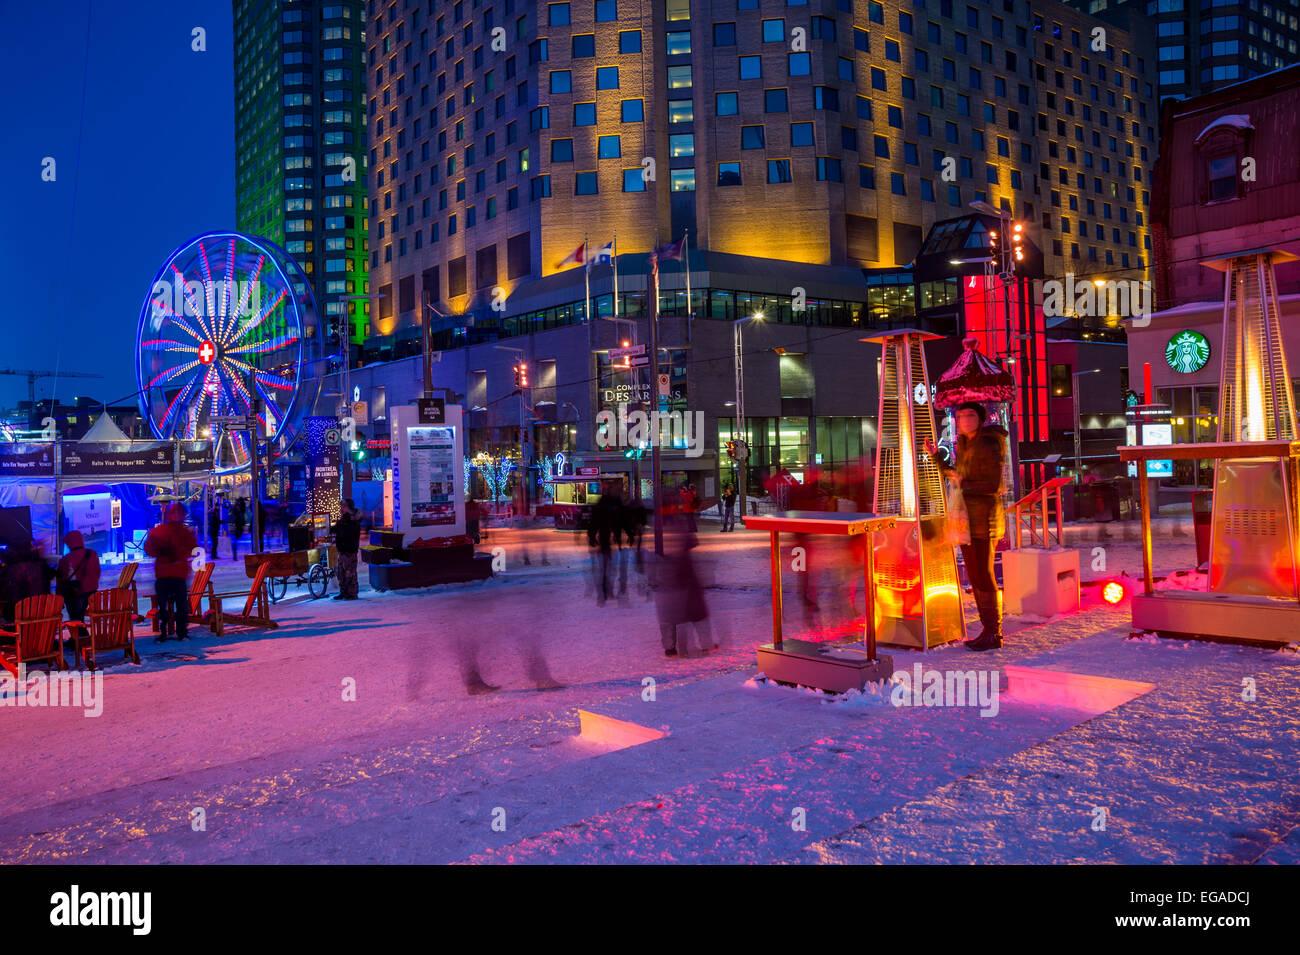 Montreal En Lumière Festival im Ort des Festivals, im Jahr 2015 Stockfoto